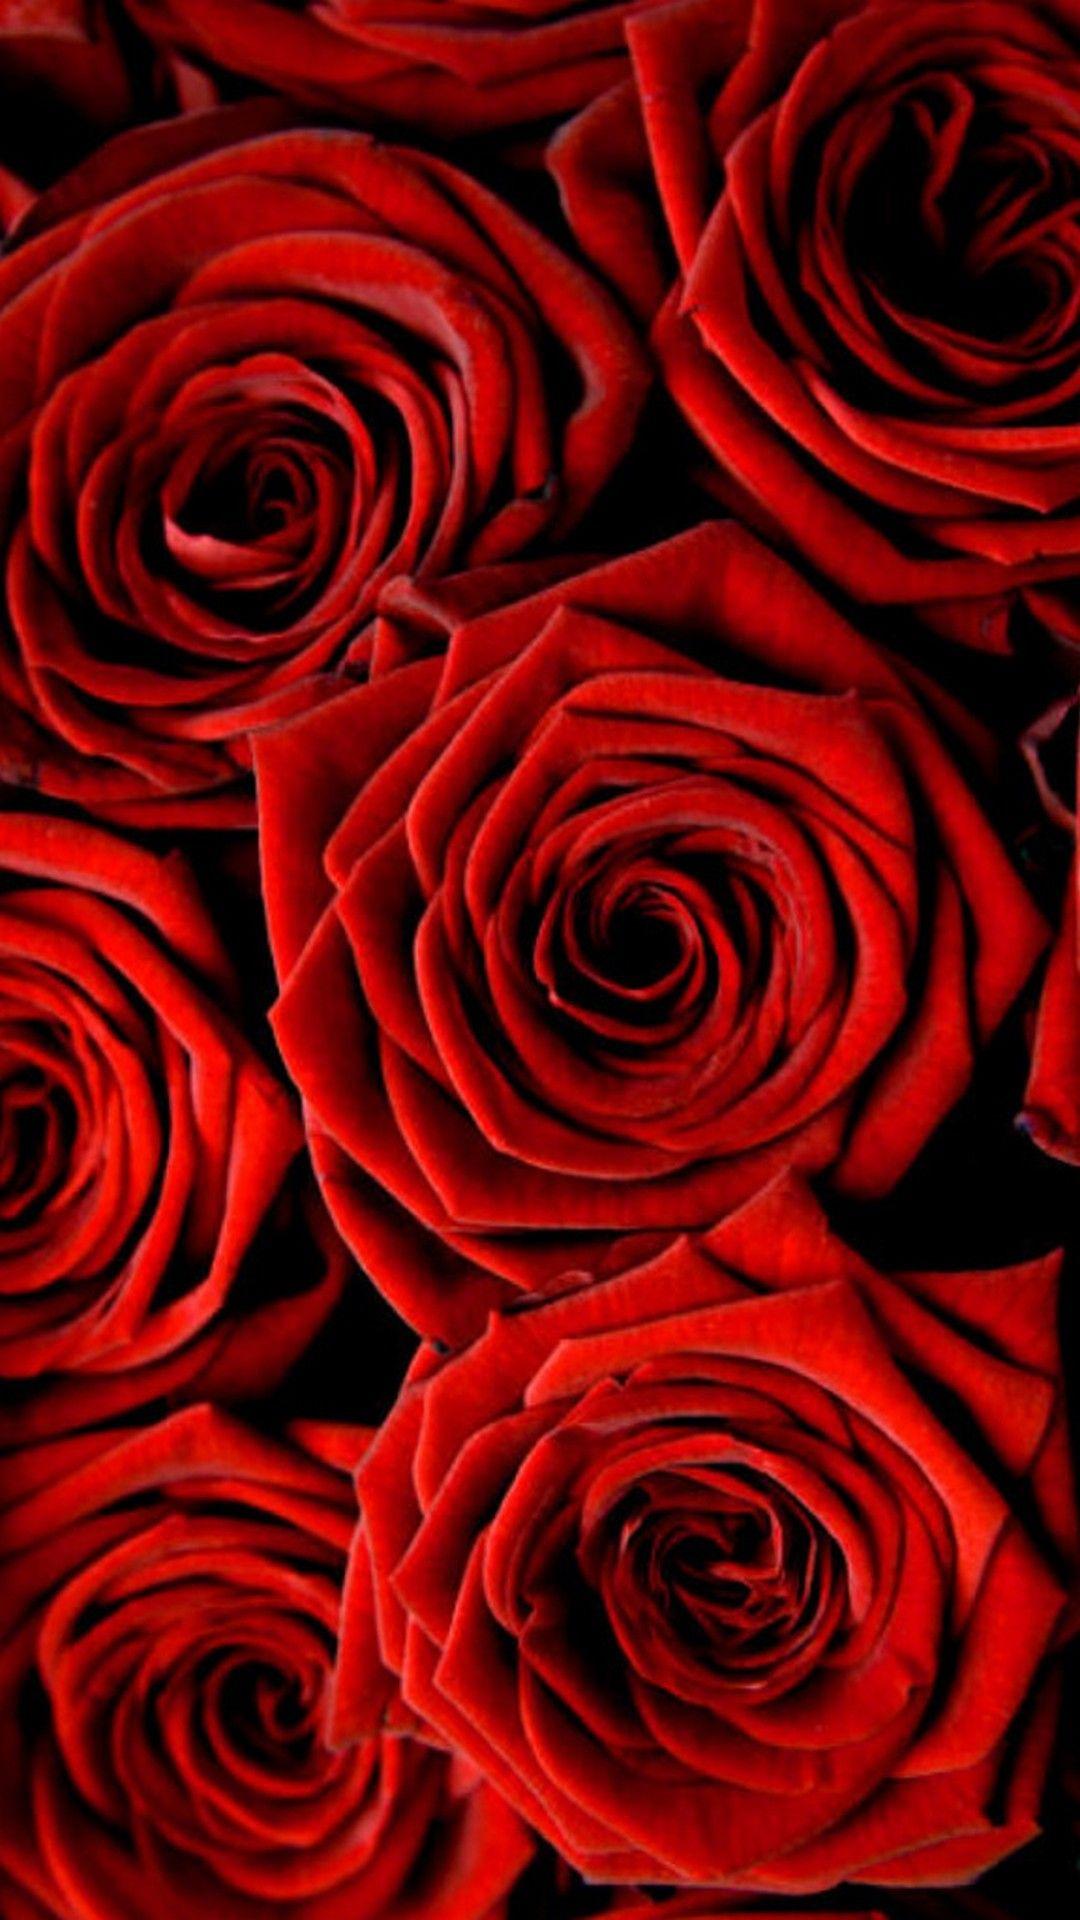 Rose Hd Wallpaper For Iphone Novocom Top